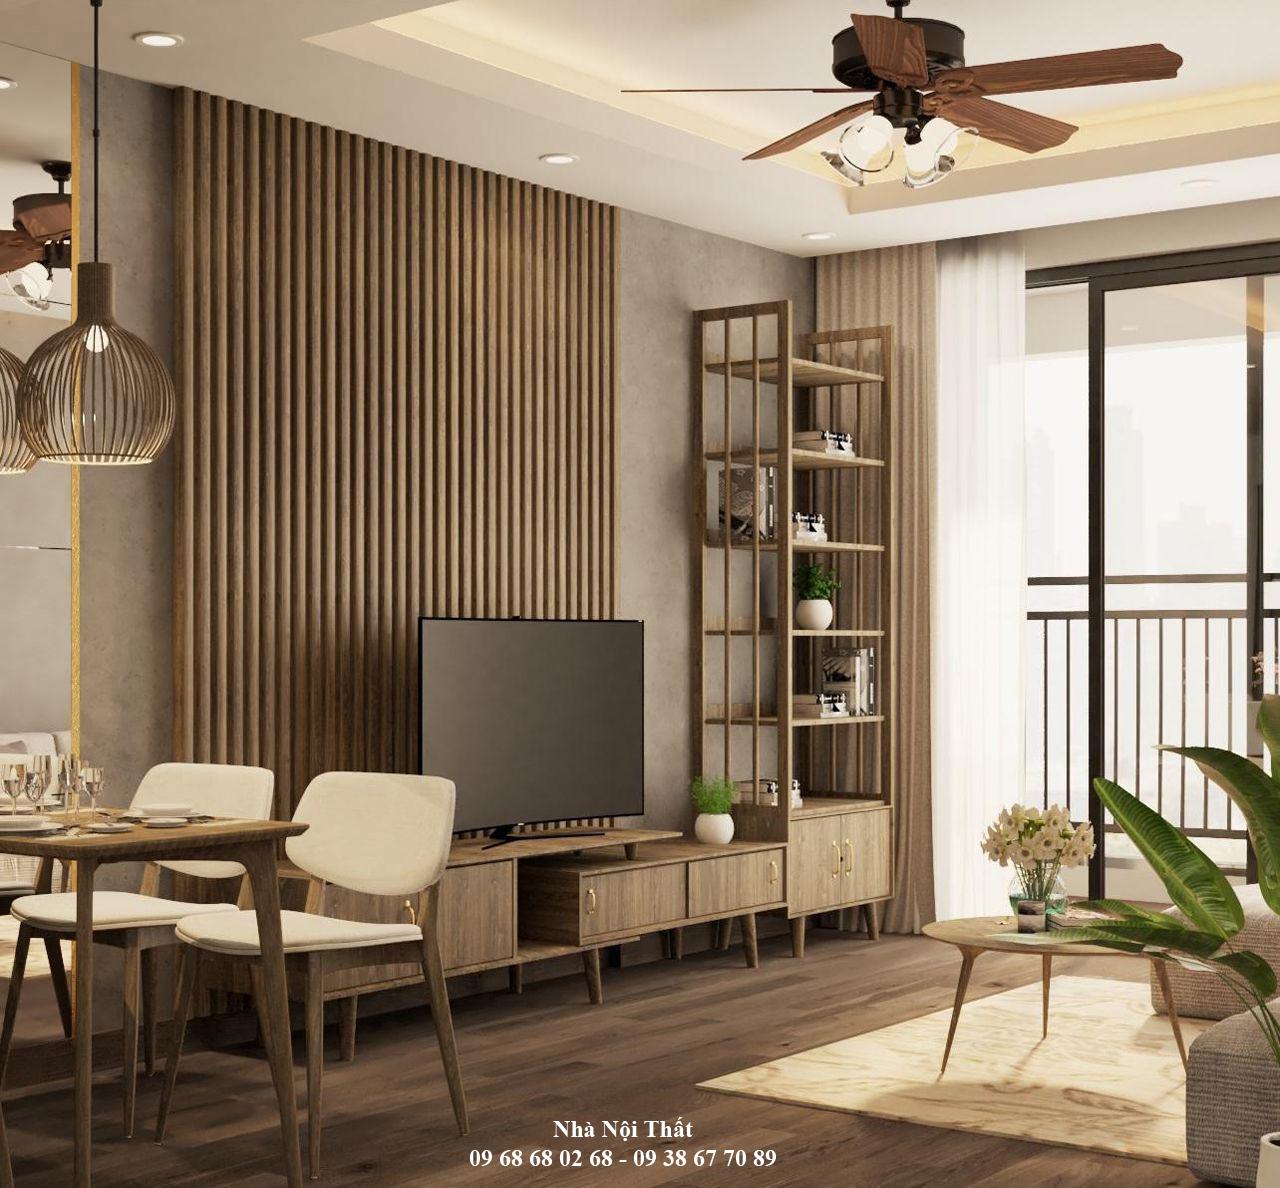 Mẫu nội thất phòng khách đẹp 004